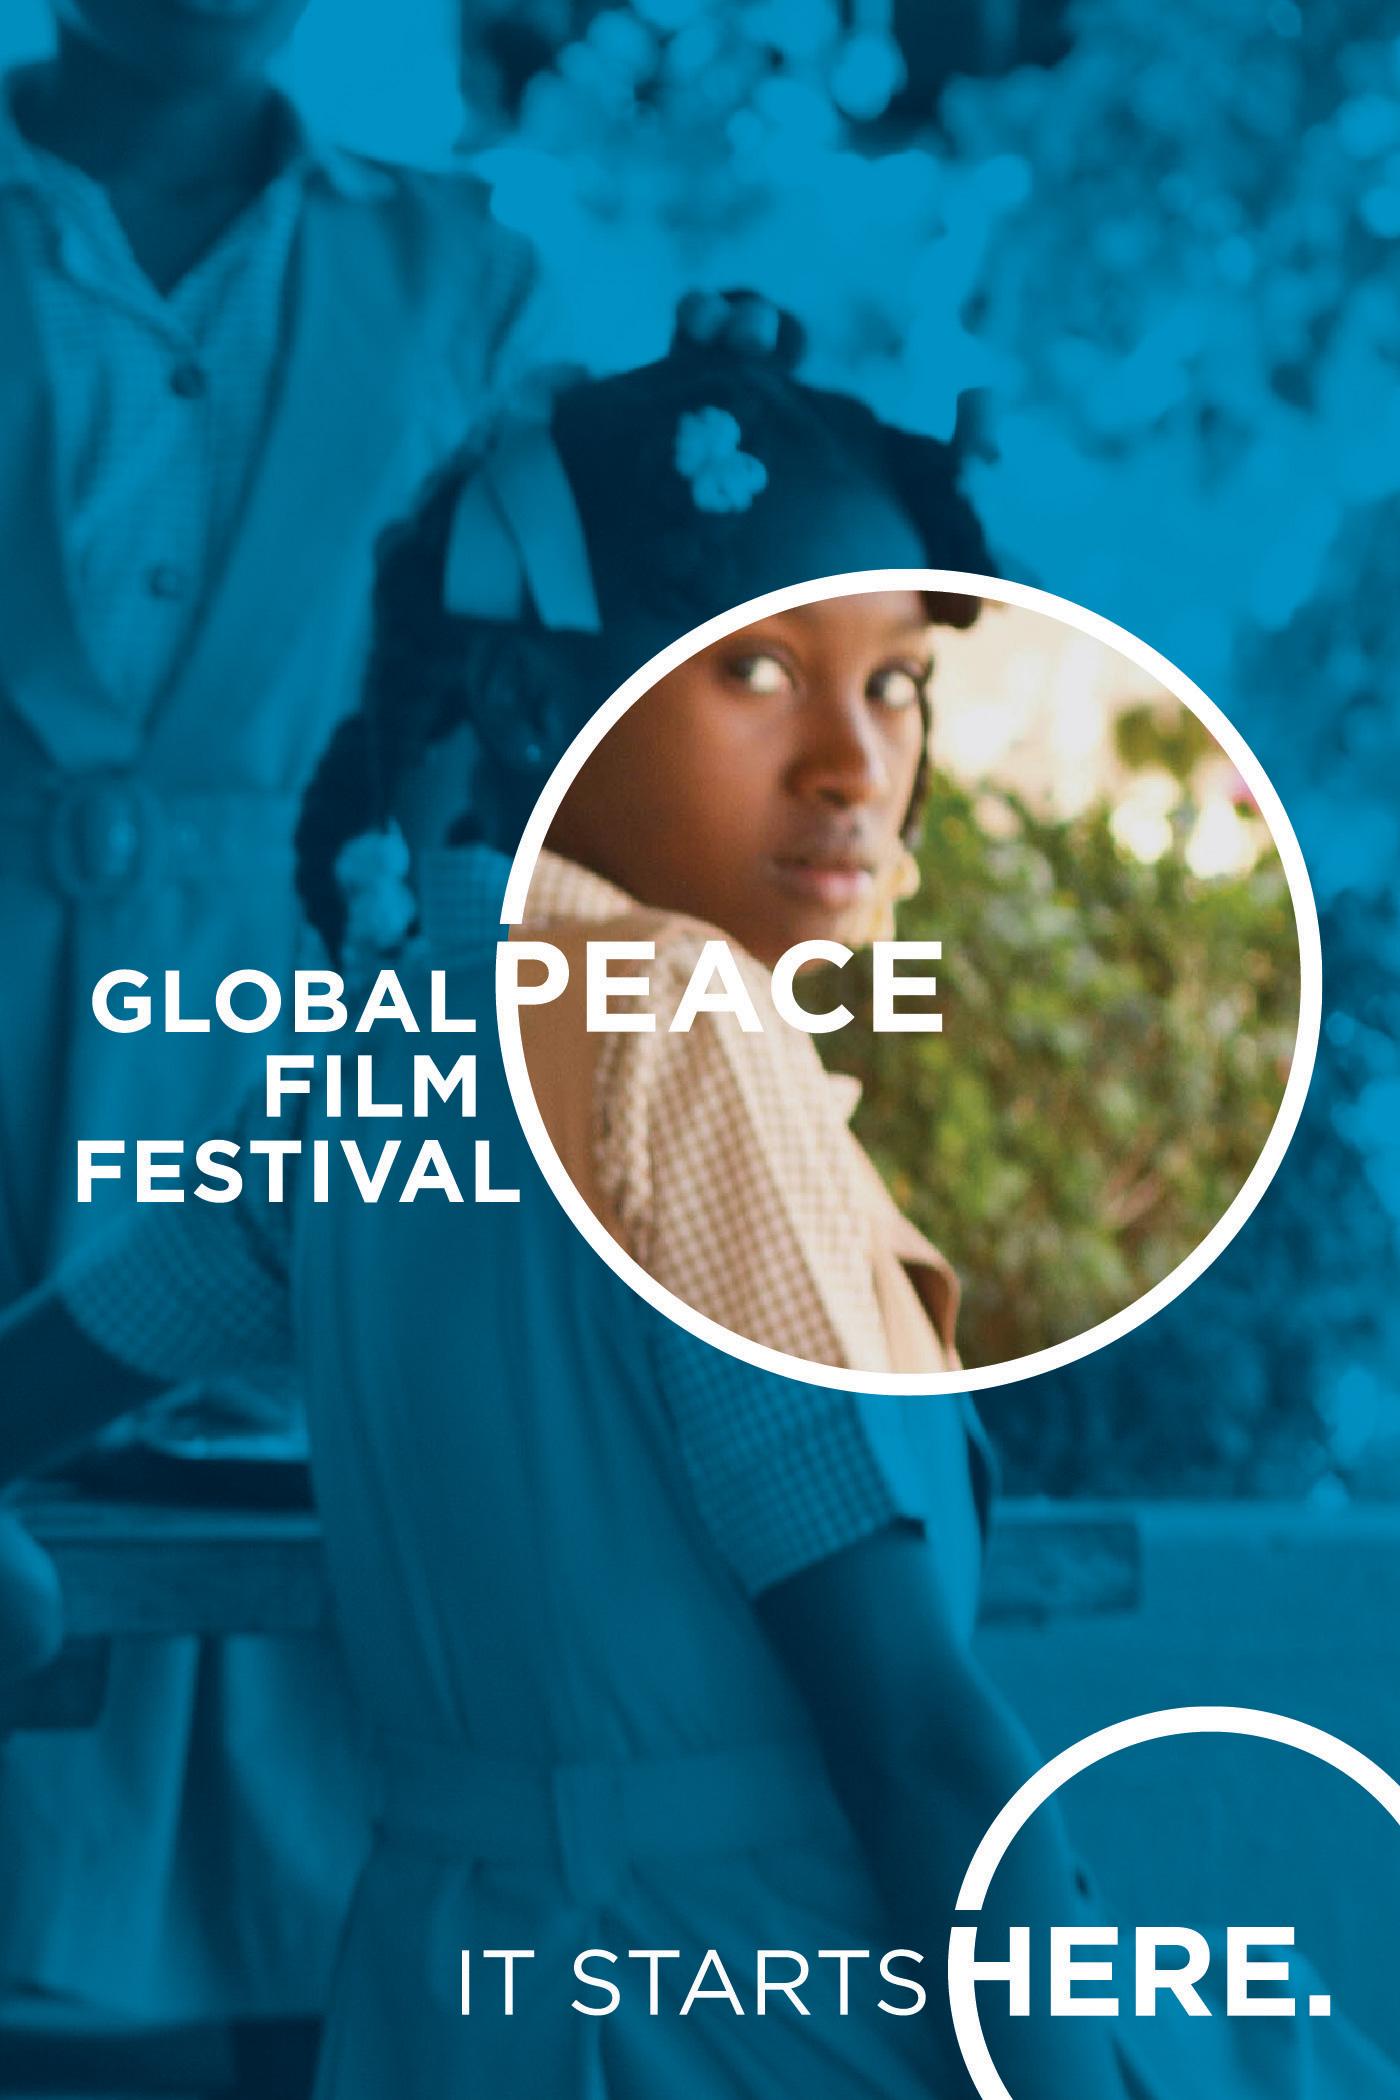 Global Peace Film Festival Poster